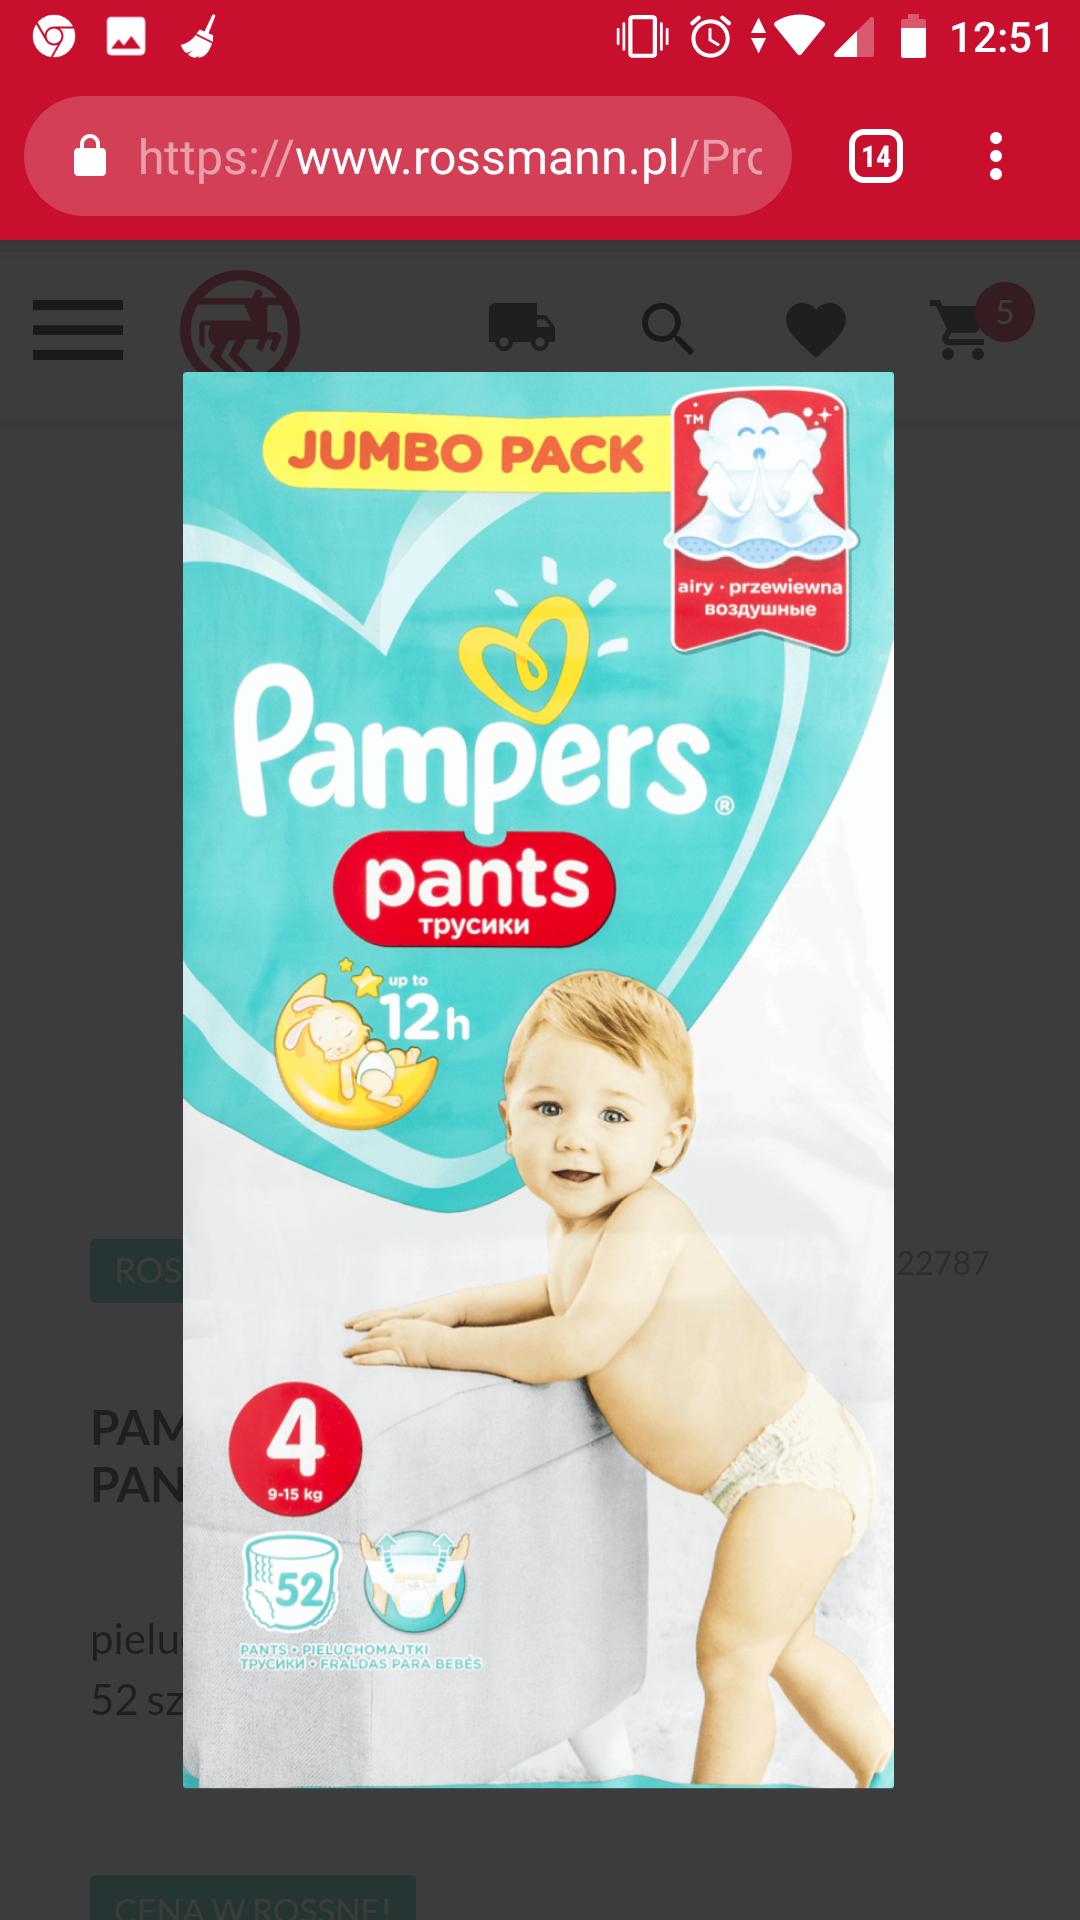 Pieluszki Pampers Pants  rozm. 4 za 0,77zł/szt w Rossmanie